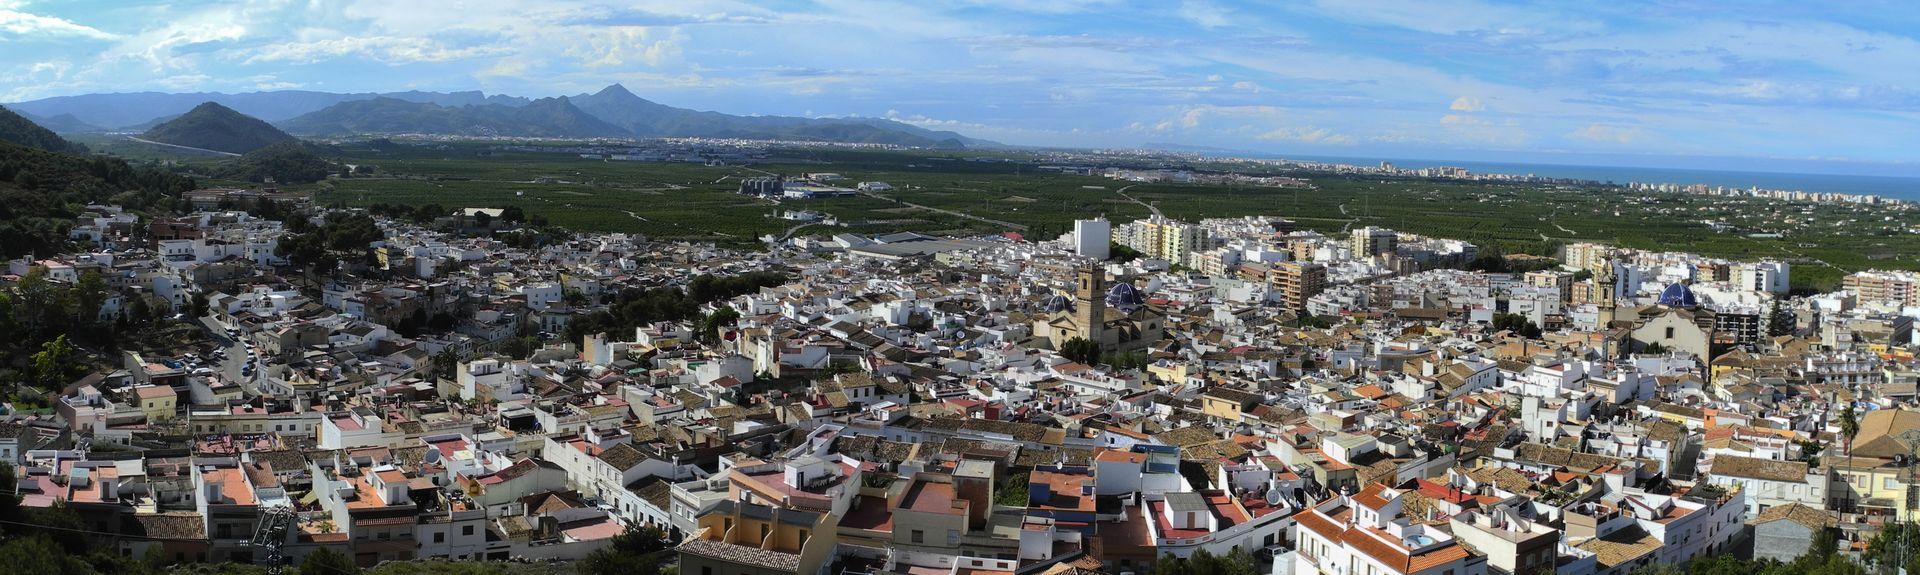 Oliva, Valencia, Spain